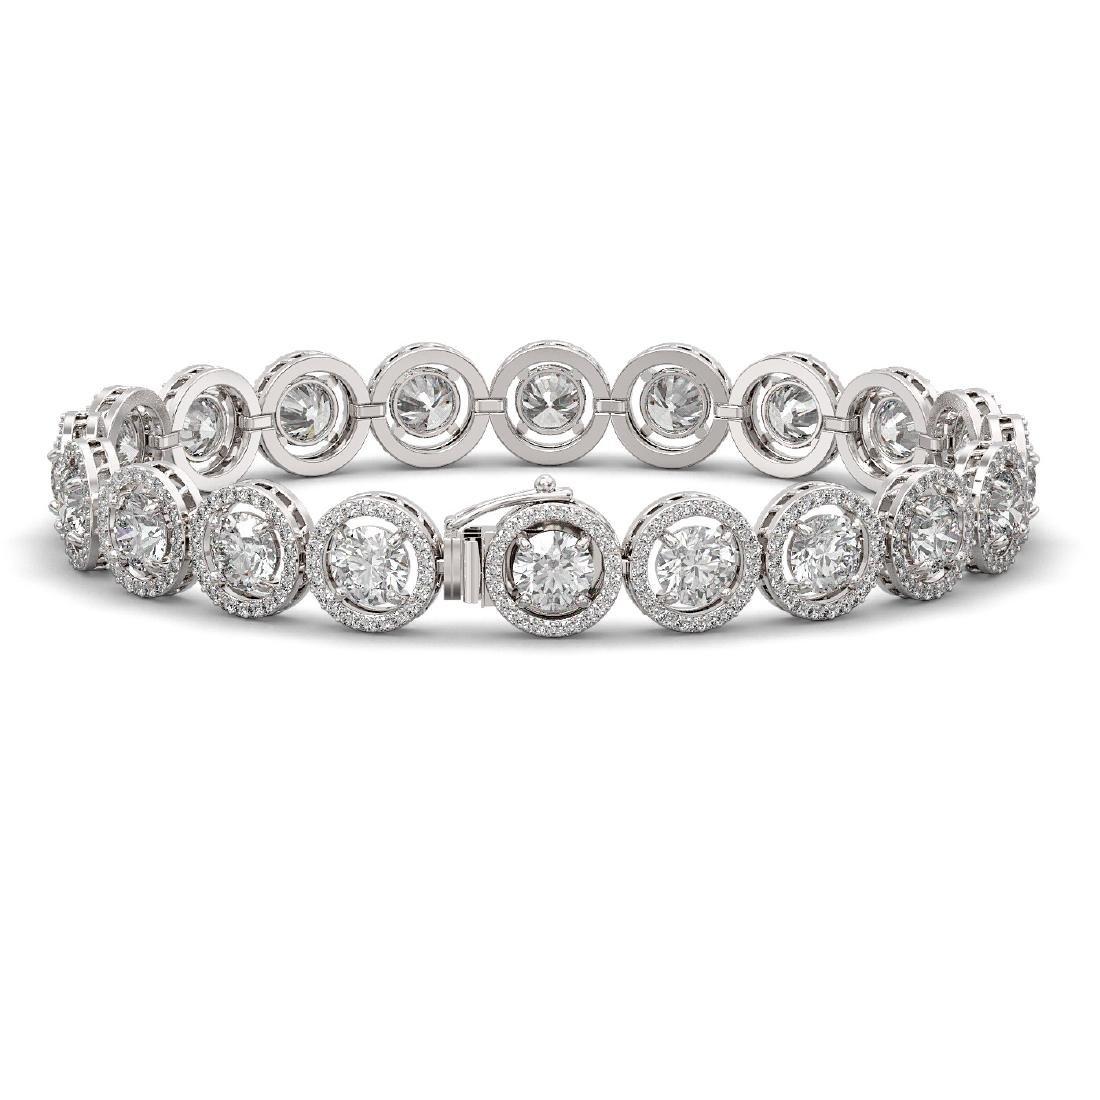 15.36 CTW Diamond Designer Bracelet 18K White Gold - 2